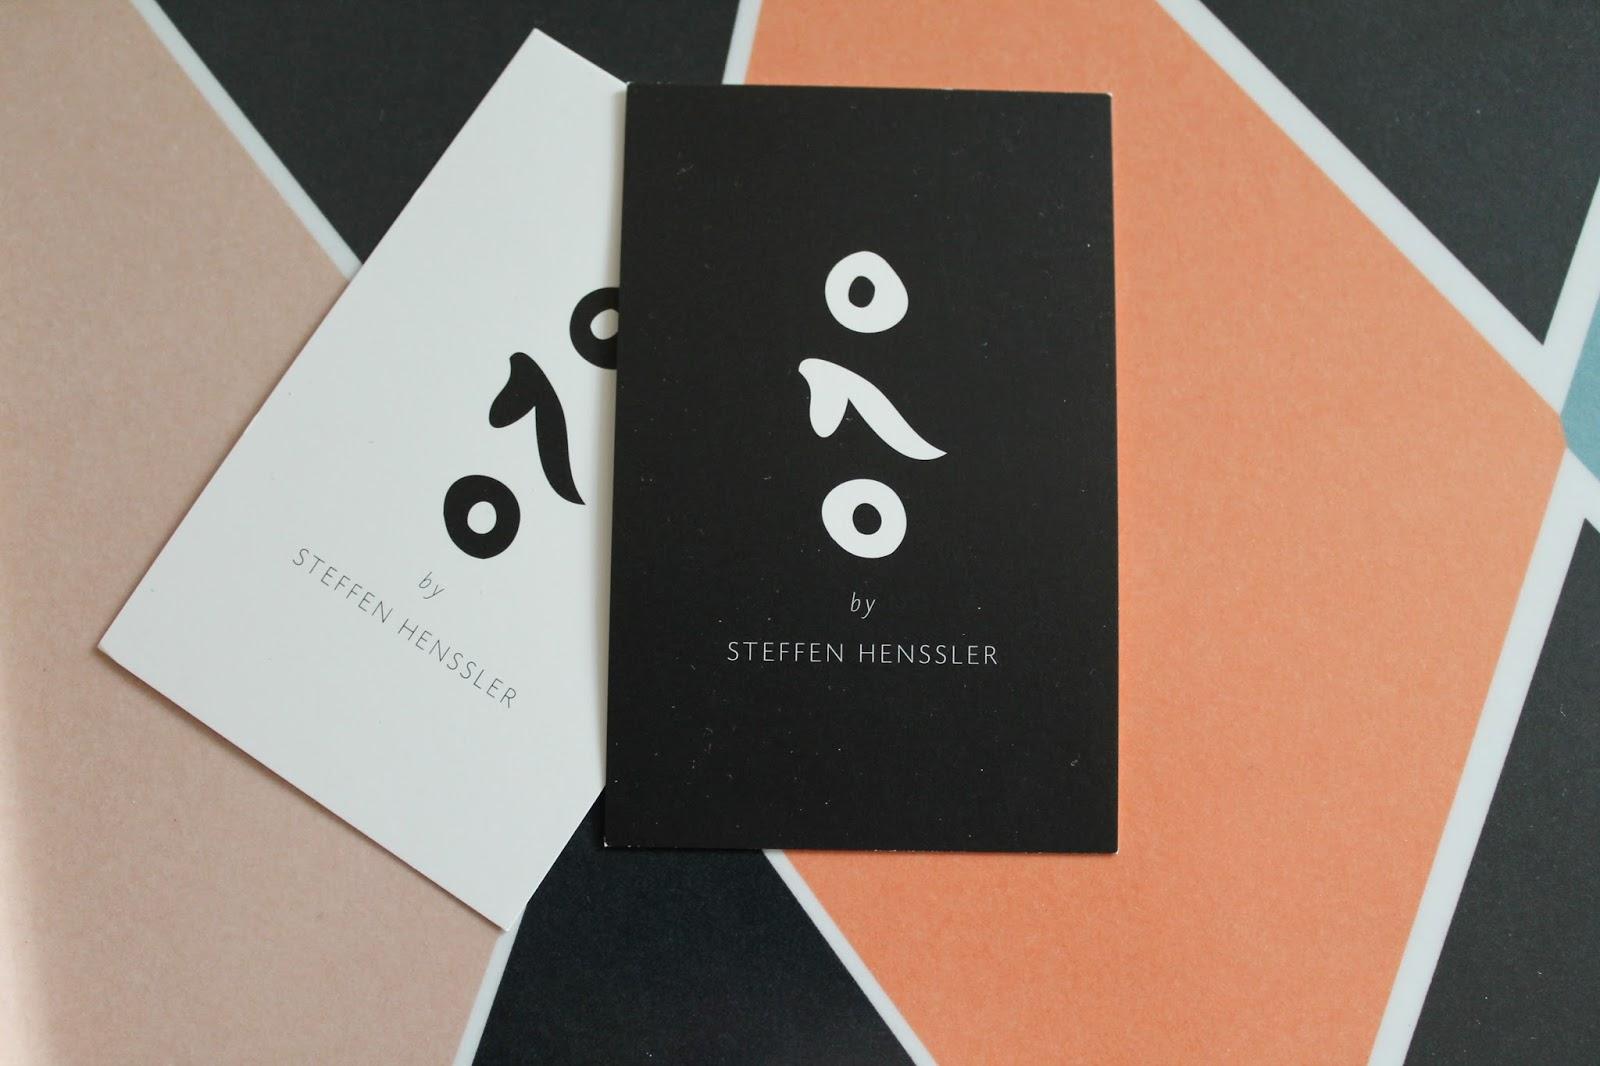 ONO by Steffen Hennsler